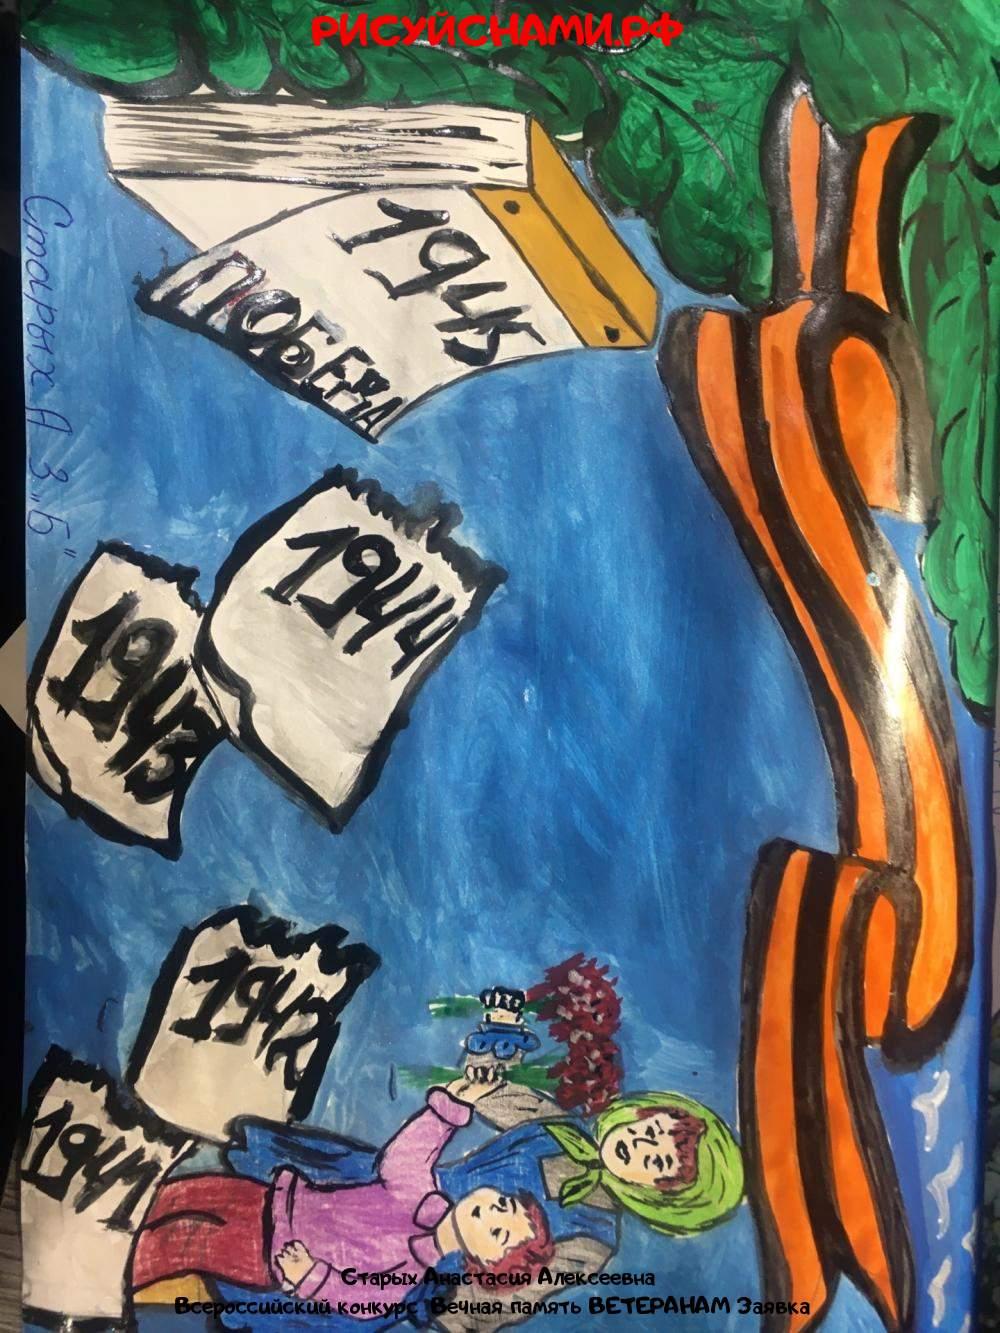 Всероссийский конкурс  Вечная память ВЕТЕРАНАМ Заявка 12266  всероссийский творческий конкурс рисунка для детей школьников и дошкольников (рисунок и поделка) - Старых Анастасия Алексеевна